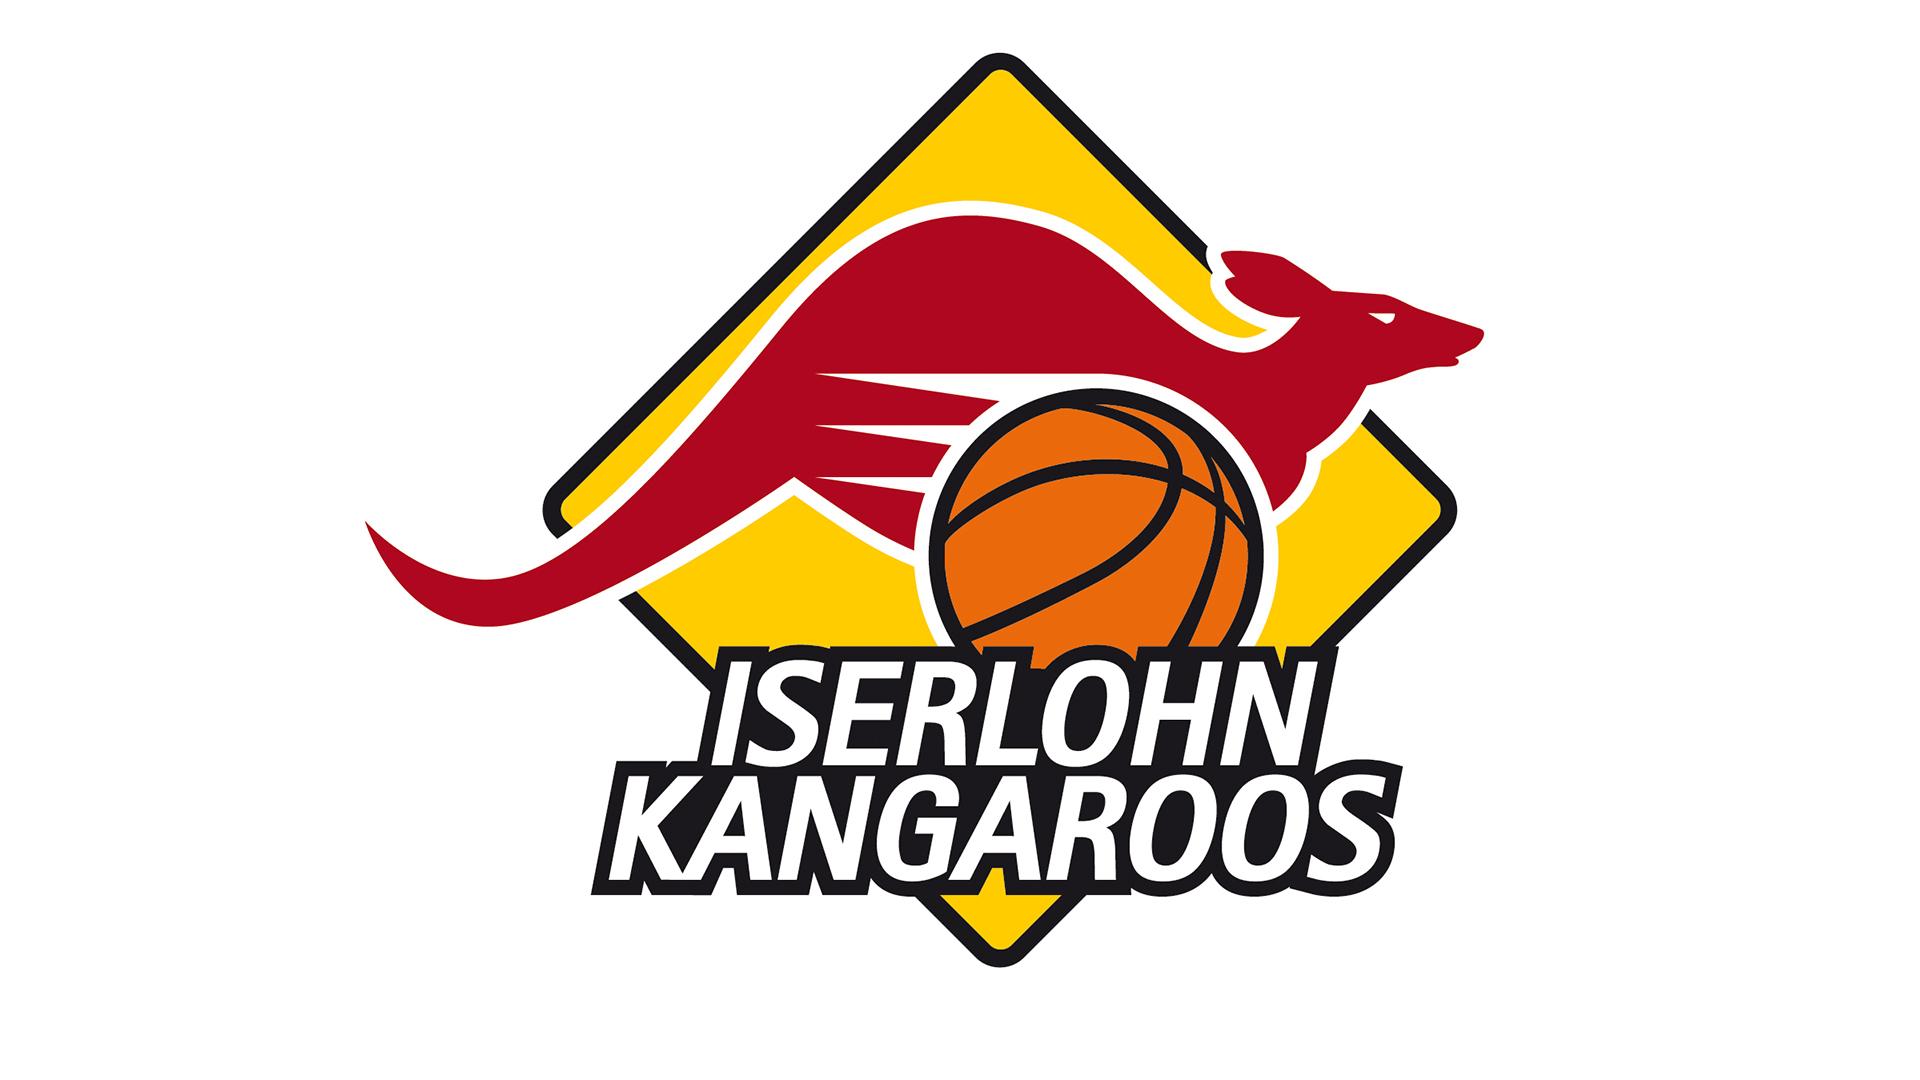 Kangaroos_1920x1080